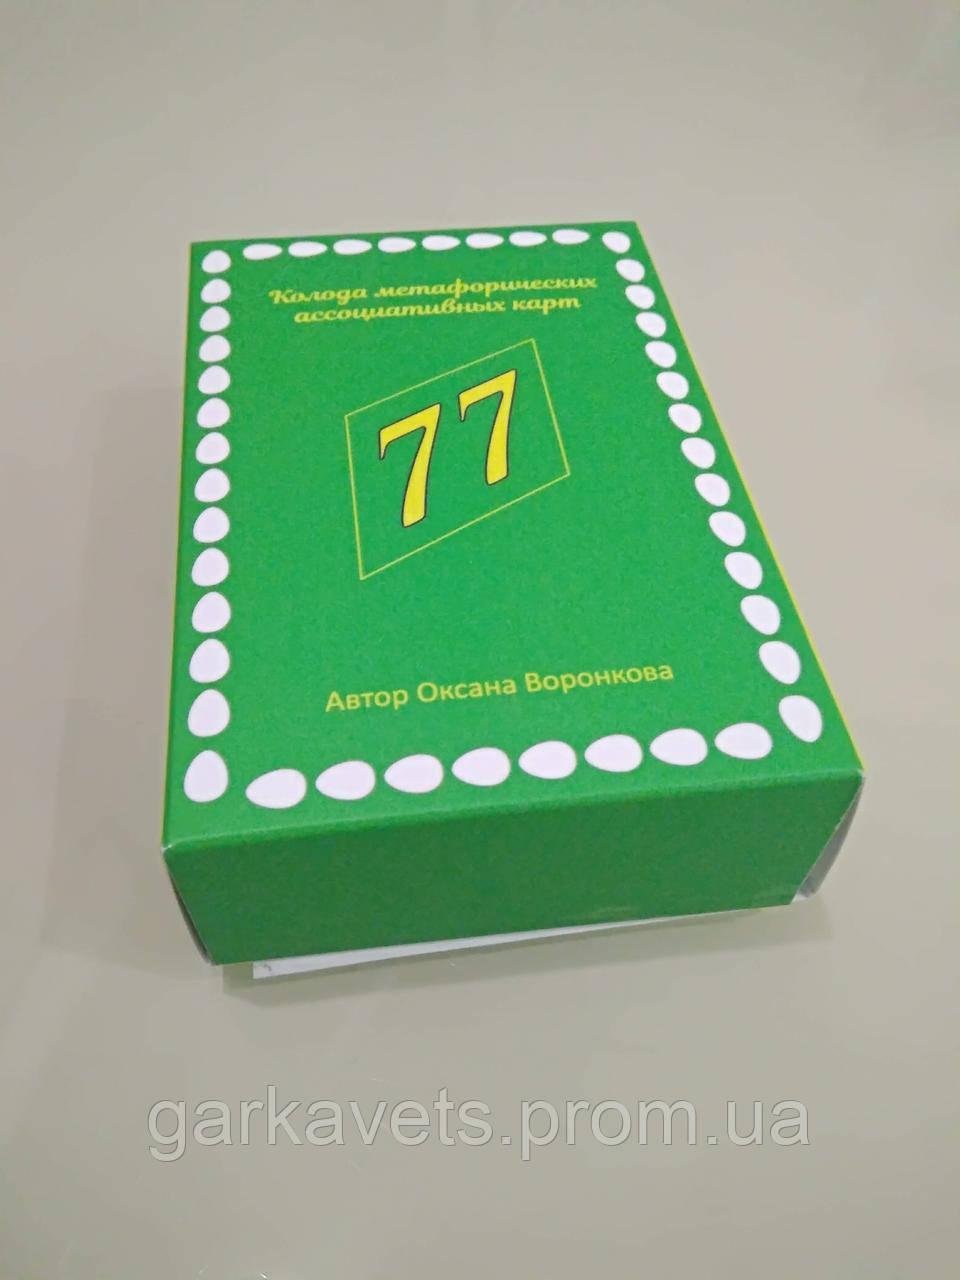 Метафорические карты «77 возможностей»